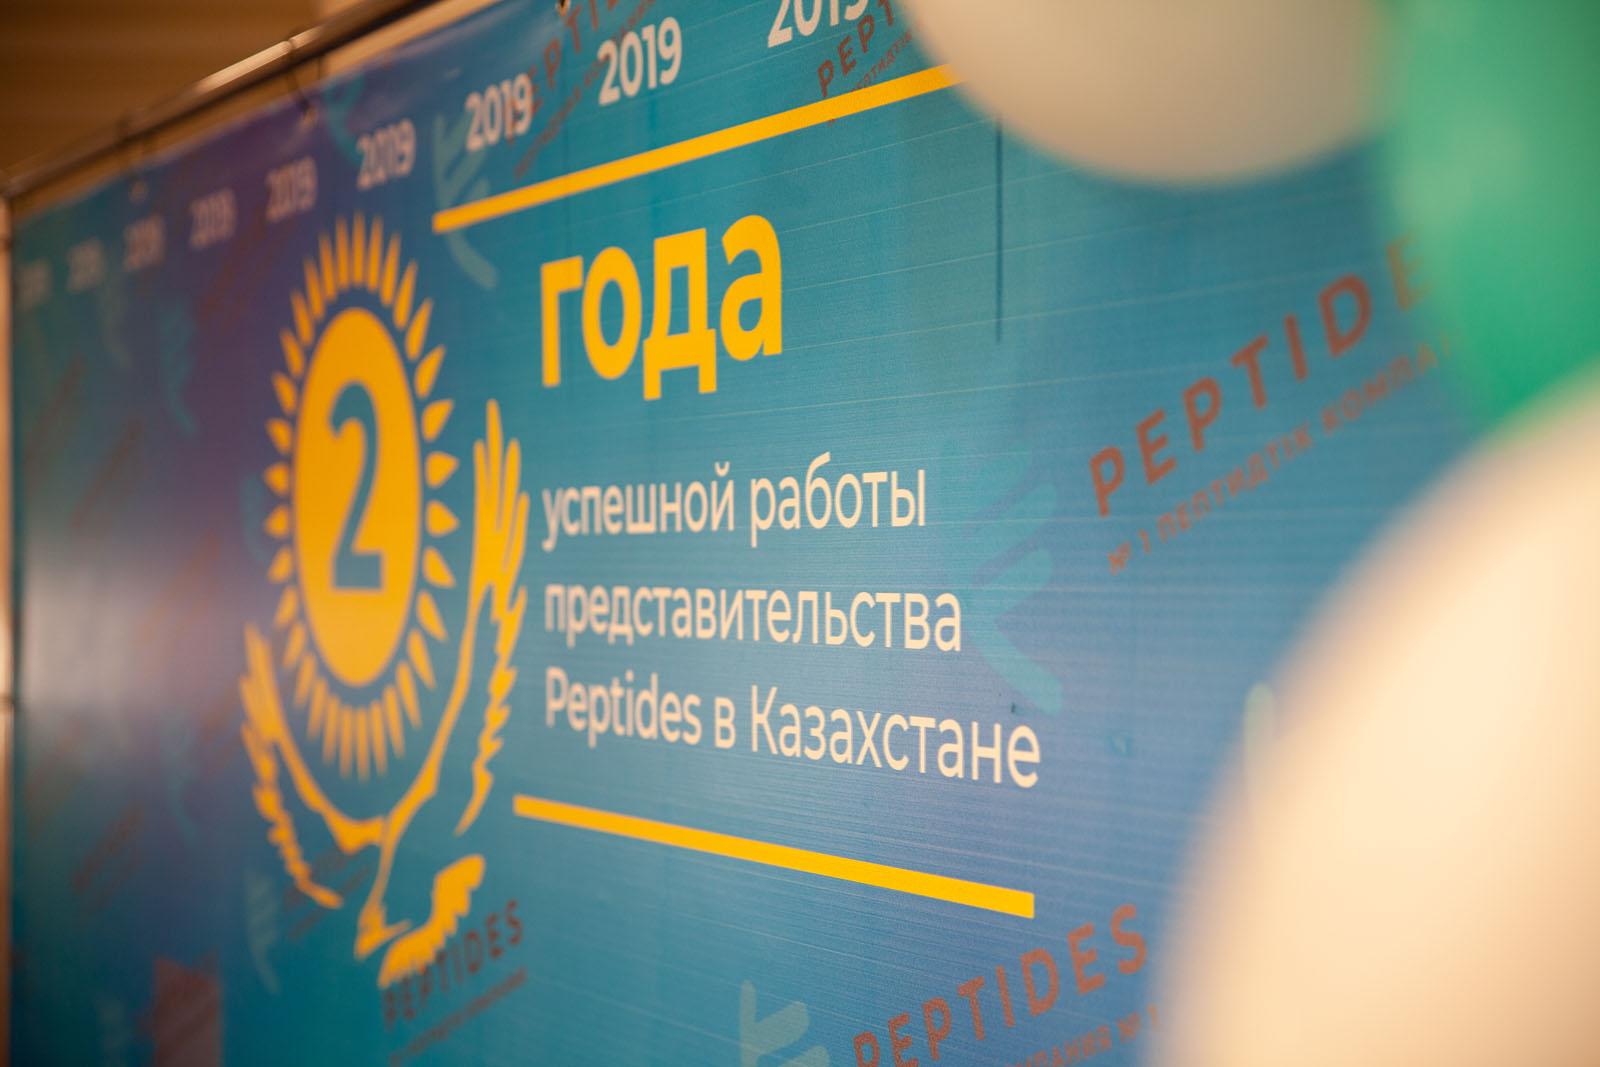 26 октября в просторном зале гостиницы Казахстан «Алтын Емель» состоялось торжественное мероприятие в честь двухлетия казахстанского представительства. В этот теплый осенний вечер собрались почетные гости — давние и новые друзья Peptides, топ-лидеры Казахстана, чтобы поздравить друг друга с этим важным событием, пообщаться, встретиться с руководством в позитивной непринужденной атмосфере.       Отличное настроение, особая энергетика праздника царили этим вечером в «Алтын Емель». На торжество собрались лучшие из лучших, лидеры компании Peptides из самых разных городов Казахстана: Алматы, Нур-Султан, Шымкент, Караганда, Темиртау, Актобе, Семей, Уральск, Павлодар, Актау, Костанай. Гостями вечера стали все те люди, без которых сложно представить себе успех и высокие достижения компании Peptides.       Торжественный вечер начался с колоритного выступления артистов казахстанского коллектива шоу-балета «Лира» с национальным танцем «Наурыз».    Затем перед гостями с приветственным словом выступили президент Peptides, Роман Николаевич Пинаев, и исполнительный директор компании, руководитель казахстанского представительства, Андрей Васильевич Стефанкив.    Роман Николаевич тепло поздравил всех гостей, рассказал об успехах Peptides, а Андрей Васильевич отметил продуктивную и эффективную работу казахстанских партнеров, уделил внимание перспективам развития компании, осветил текущие планы.    Приятно порадовало гостей торжества видеопоздравление В. Х. Хавинсона, главного научного консультанта компании. Он лично обратился к лидерам компании Peptides и пожелал им успехов в жизни и в бизнесе.    Затем с приветственным словом на сцену вышел вице-президент компании по науке Давид Амиранович Горгиладзе. Давид Амиранович обратил внимание слушателей на топовые препараты линии Revilab и продукты, которые появятся в ближайшее время. Казахстанские лидеры получили немало важной и полезной информации от вице-президента по науке, как всегда искрометно и живо общавшегося со зрительным залом. В